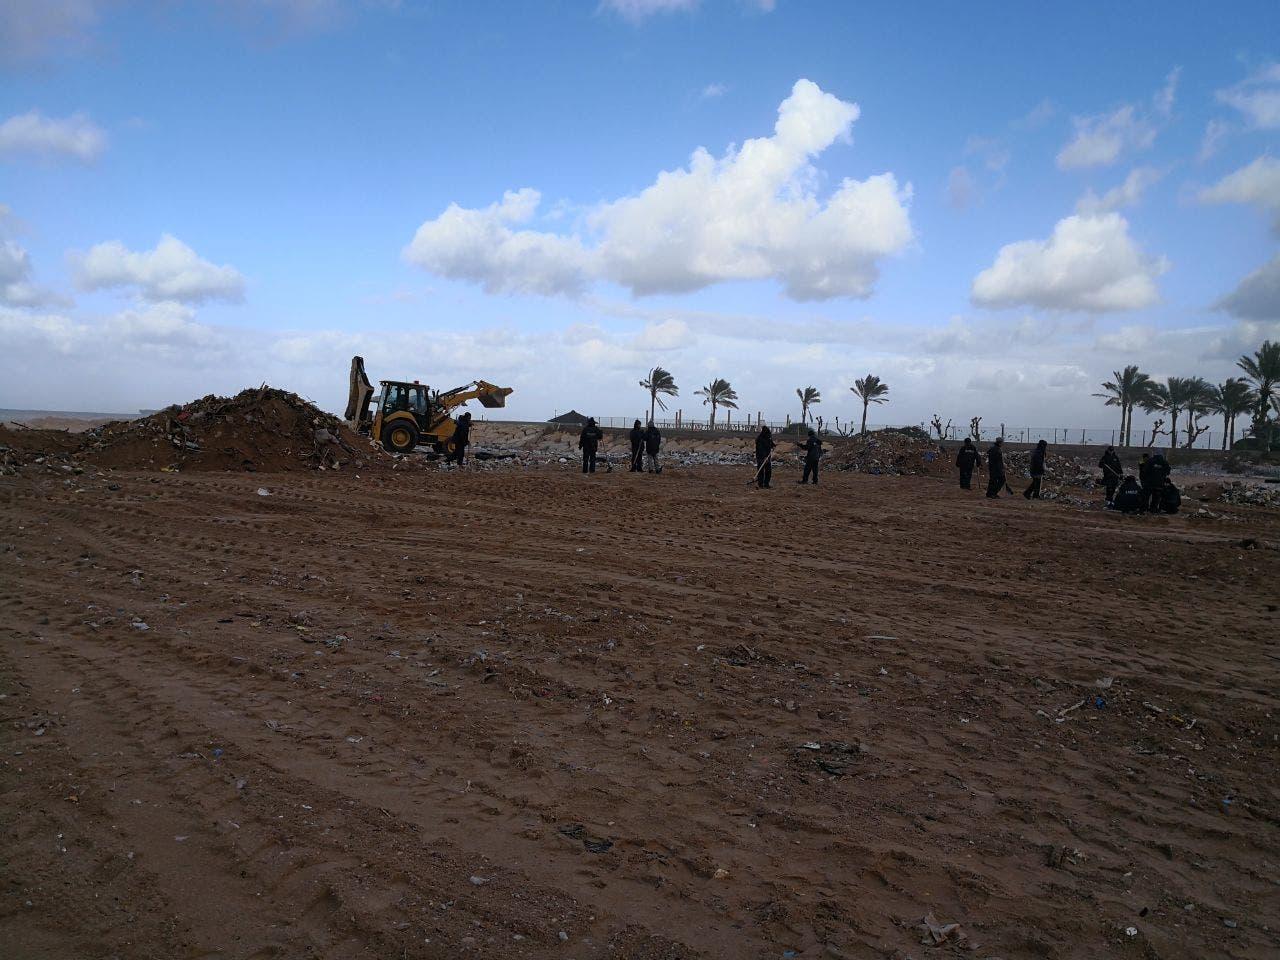 الشاطئ بعد التنظيف